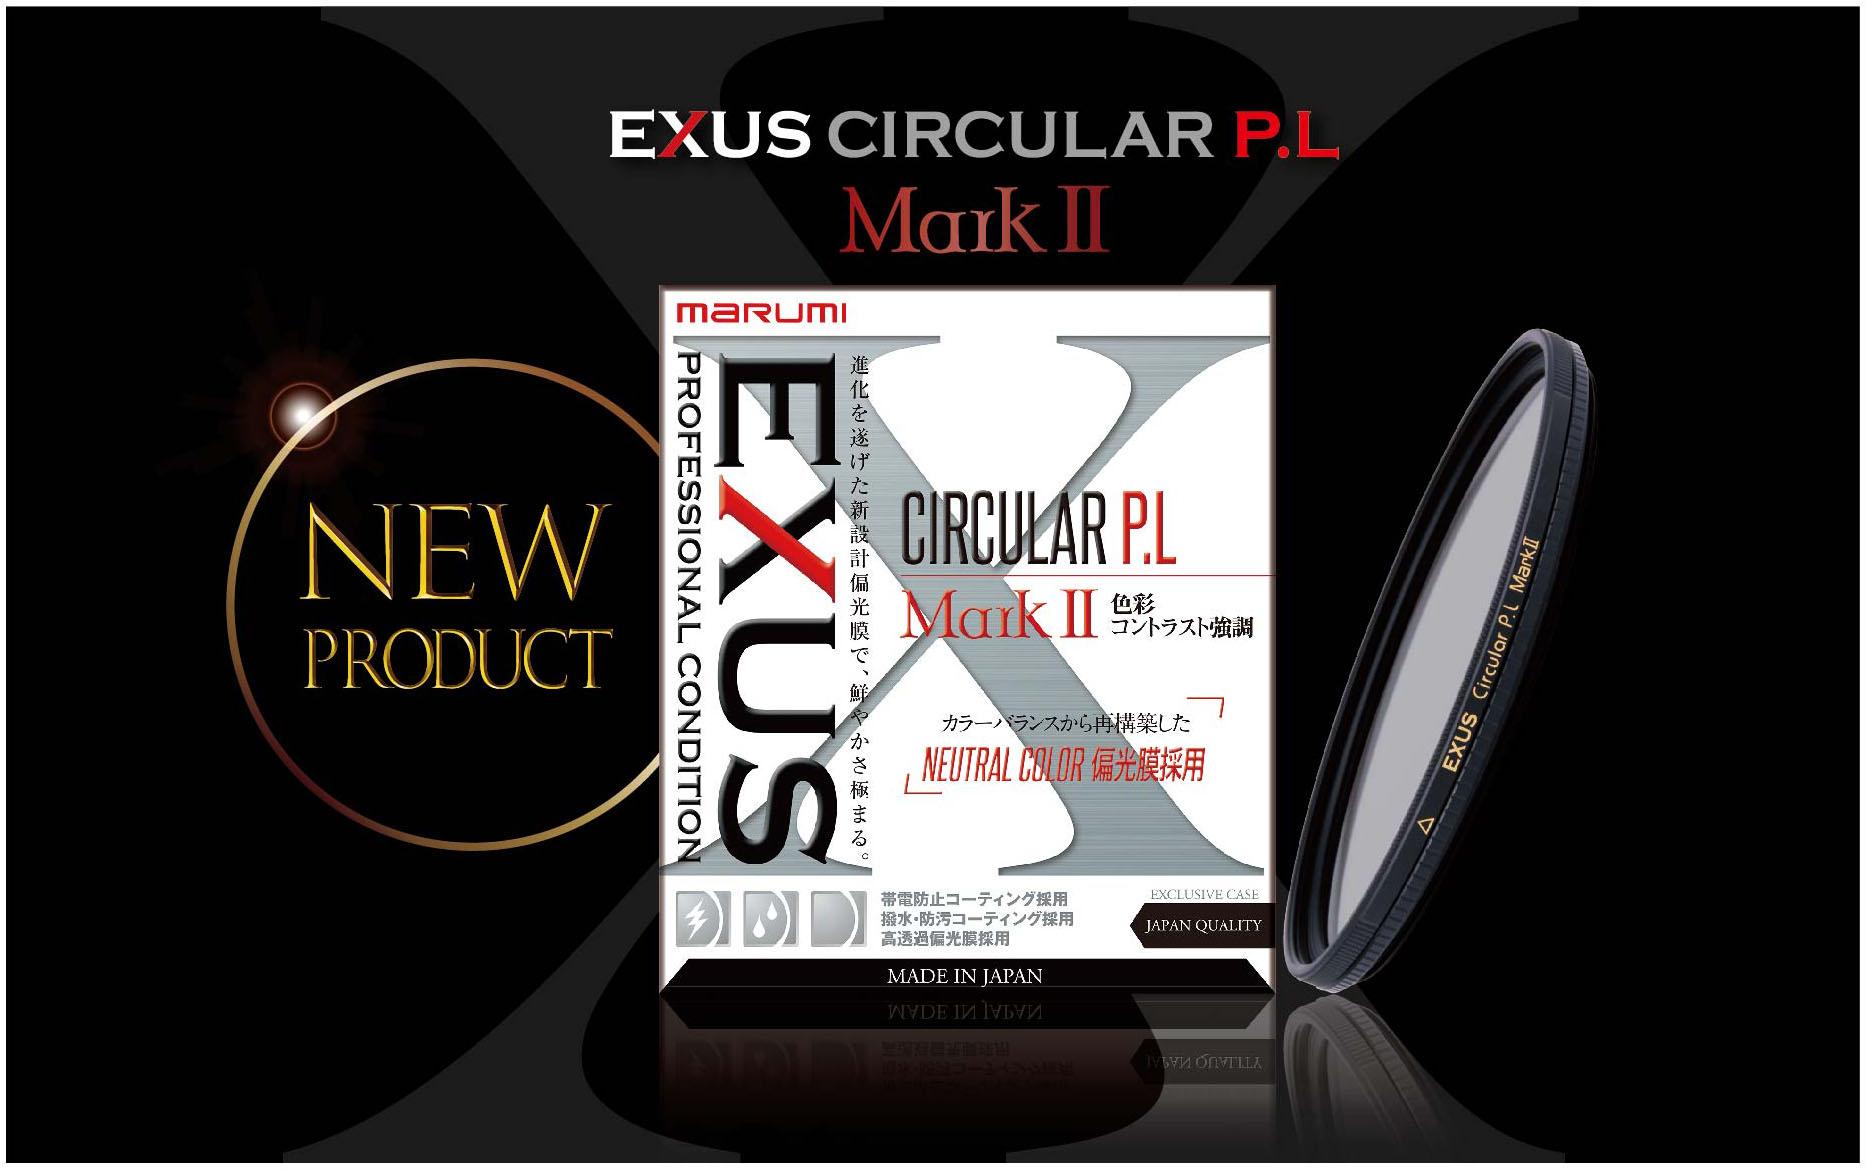 7月16日(Thu)EXUSサーキュラーP.L MarkII発売!!